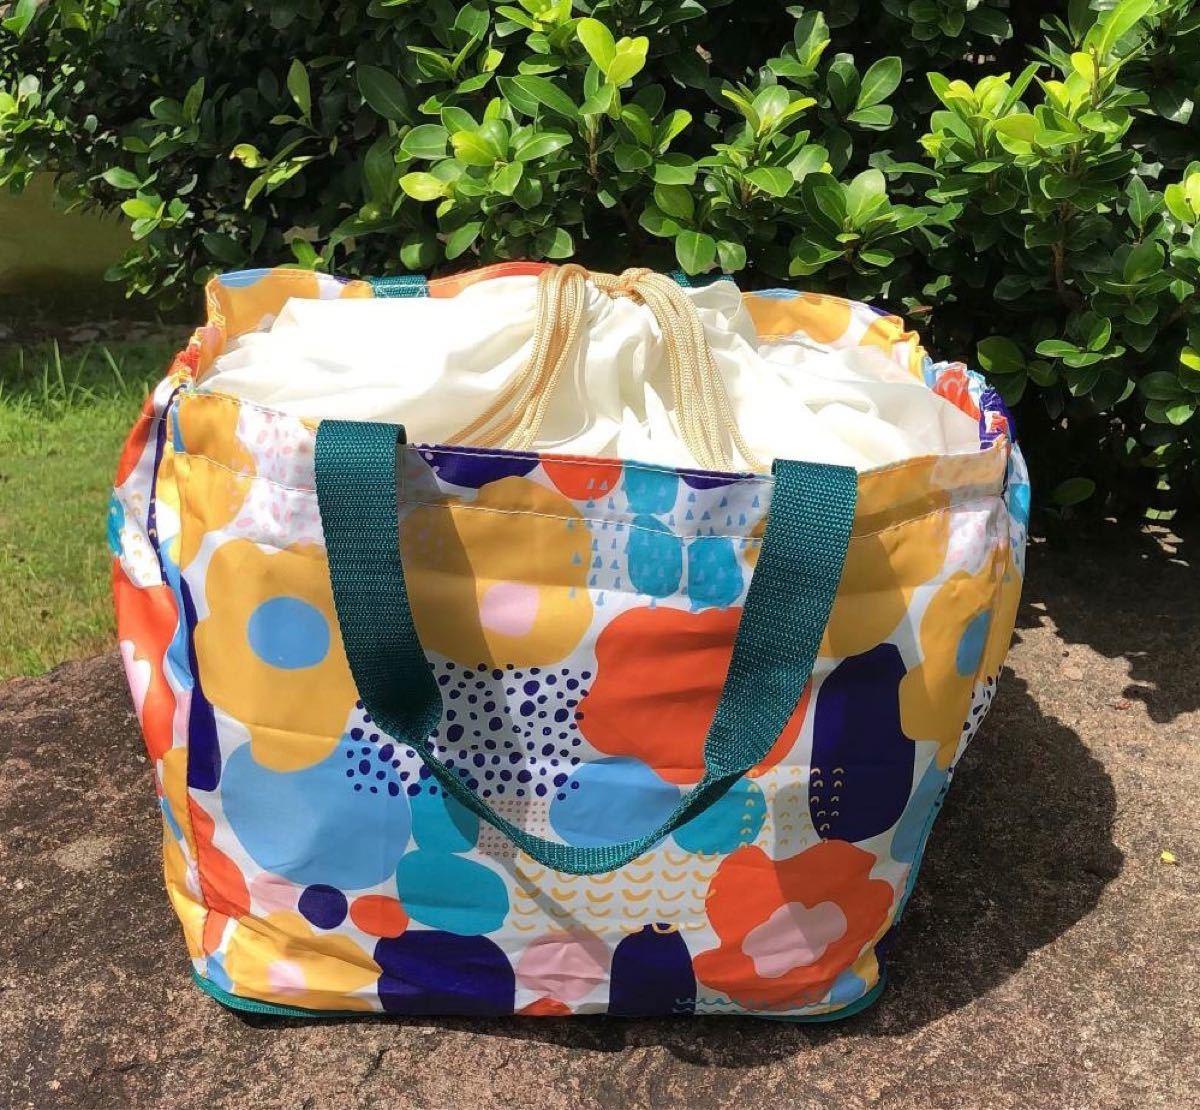 新品 保冷保温レジカゴバッグ 折りたたみエコバッグ 大容量コンビニ袋 レジかご